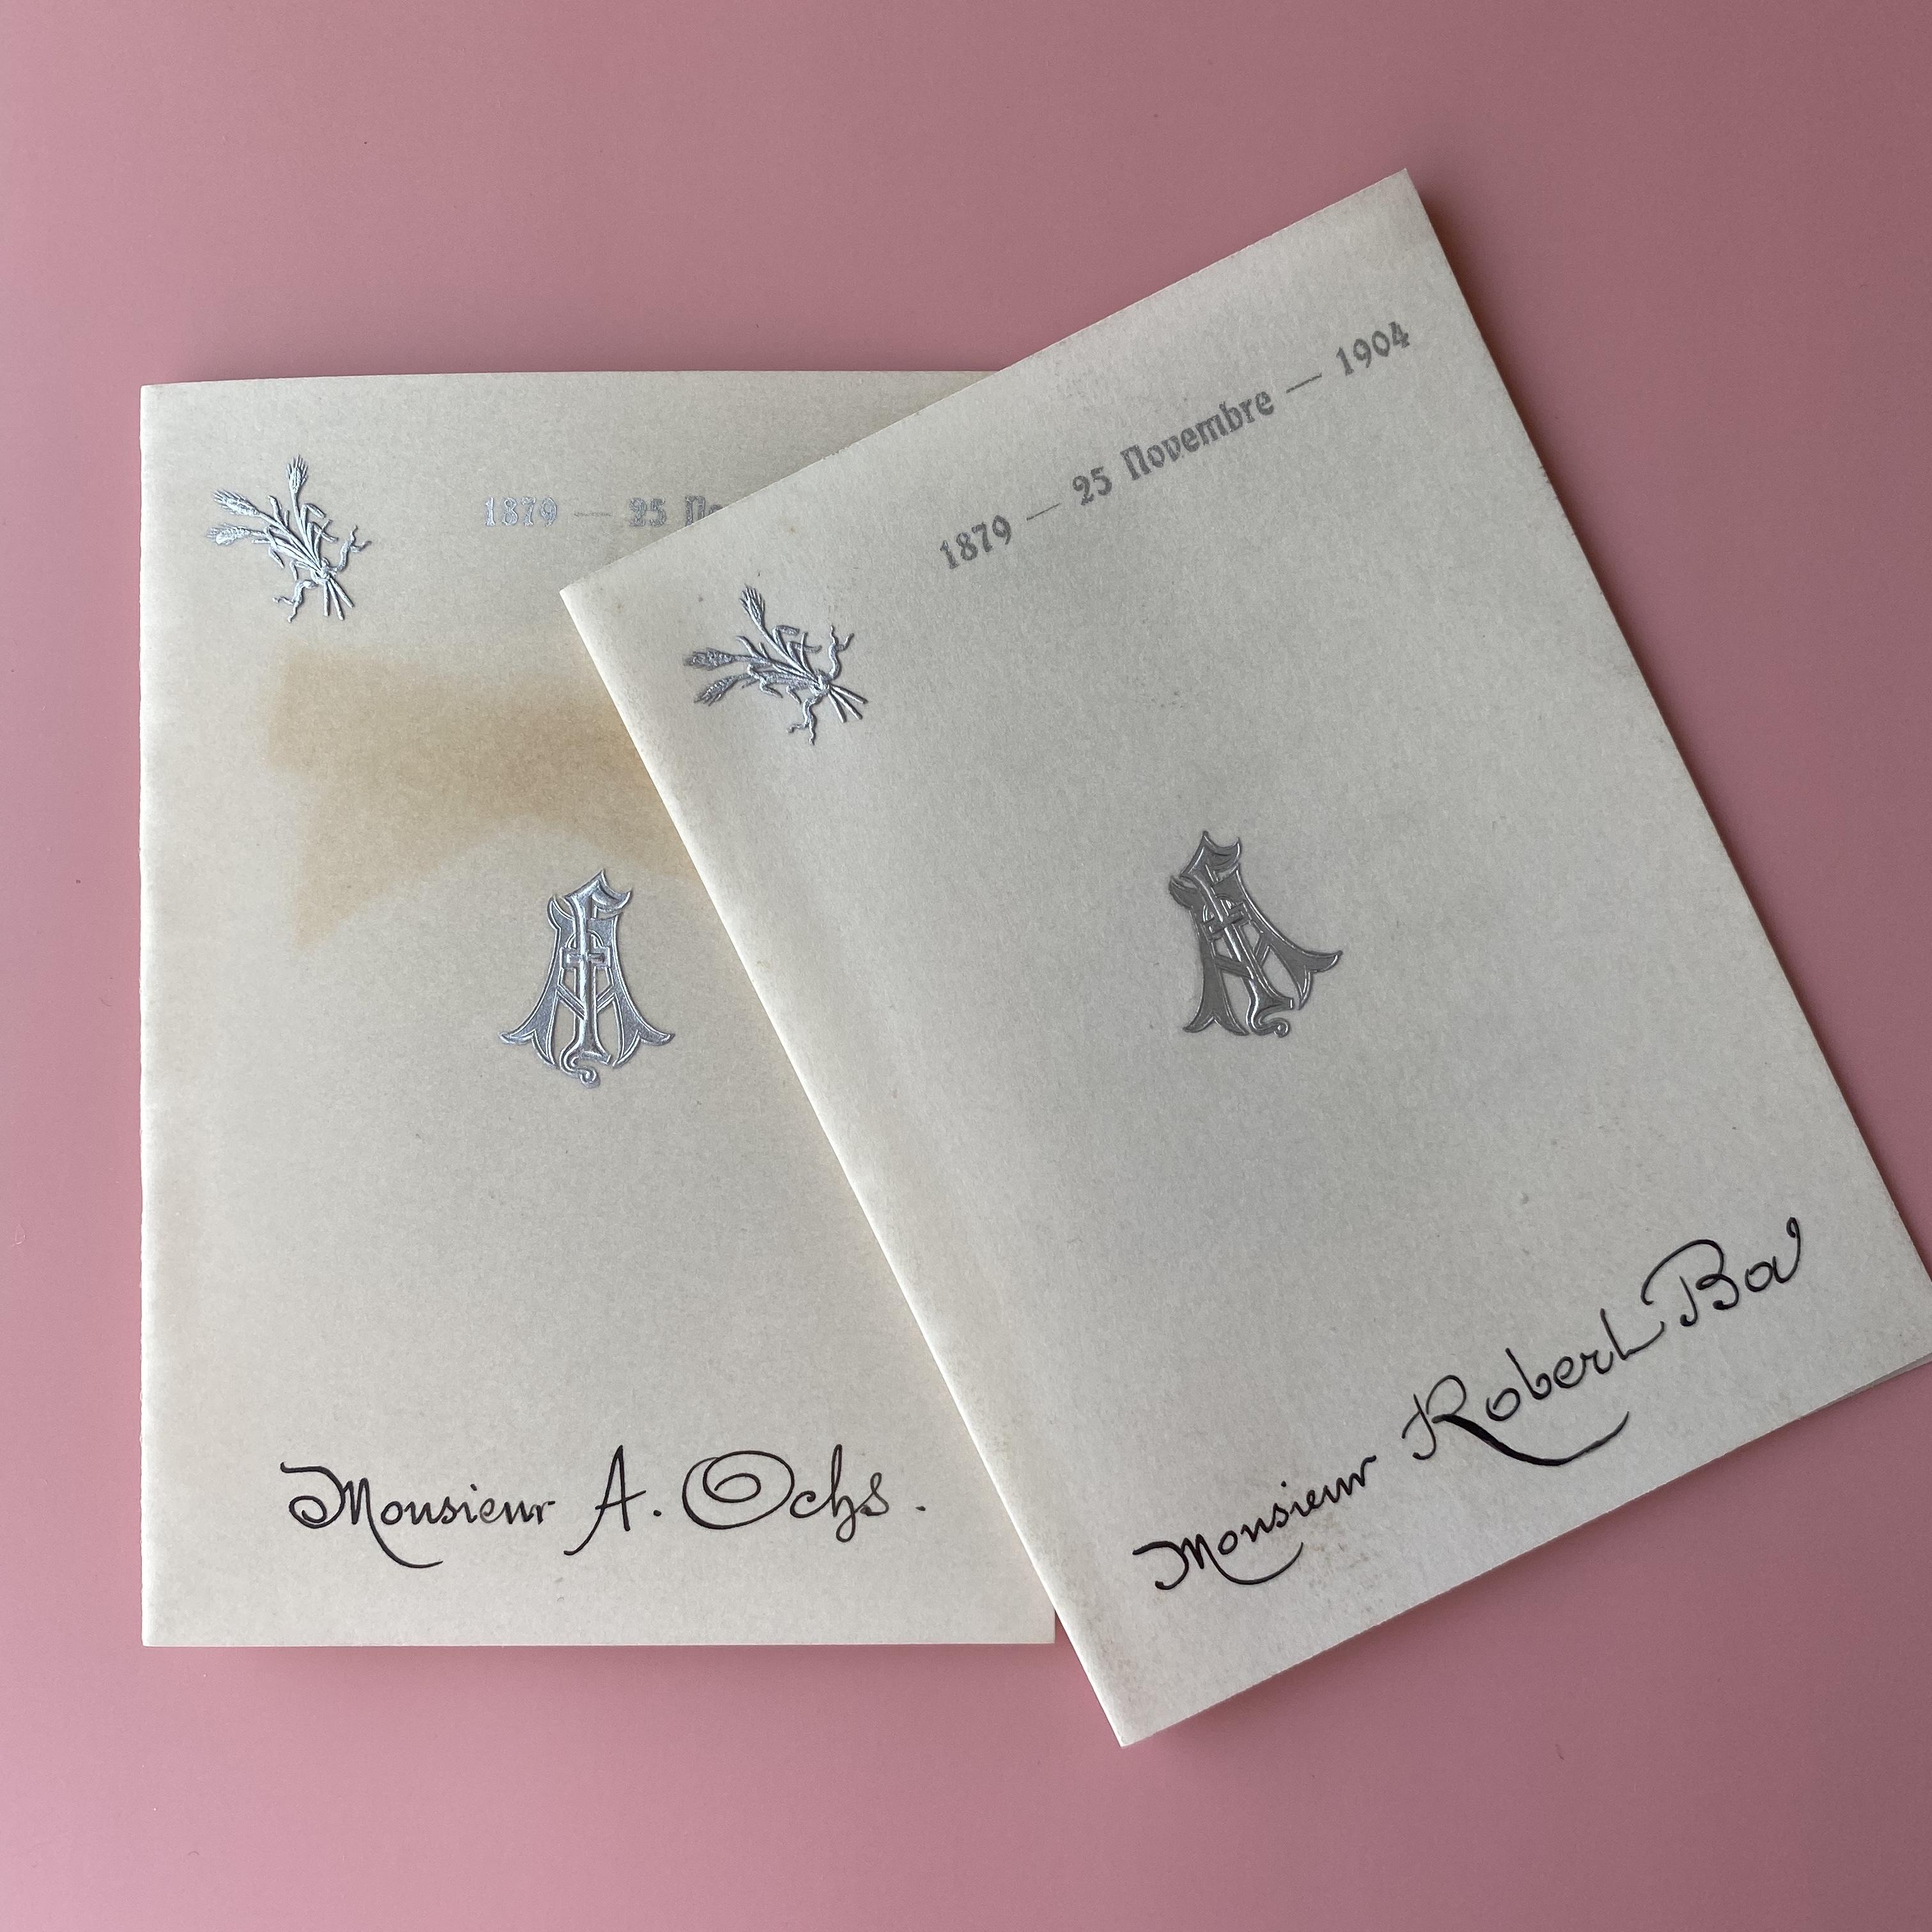 セルロイドメニューカード・1904/ vp0078